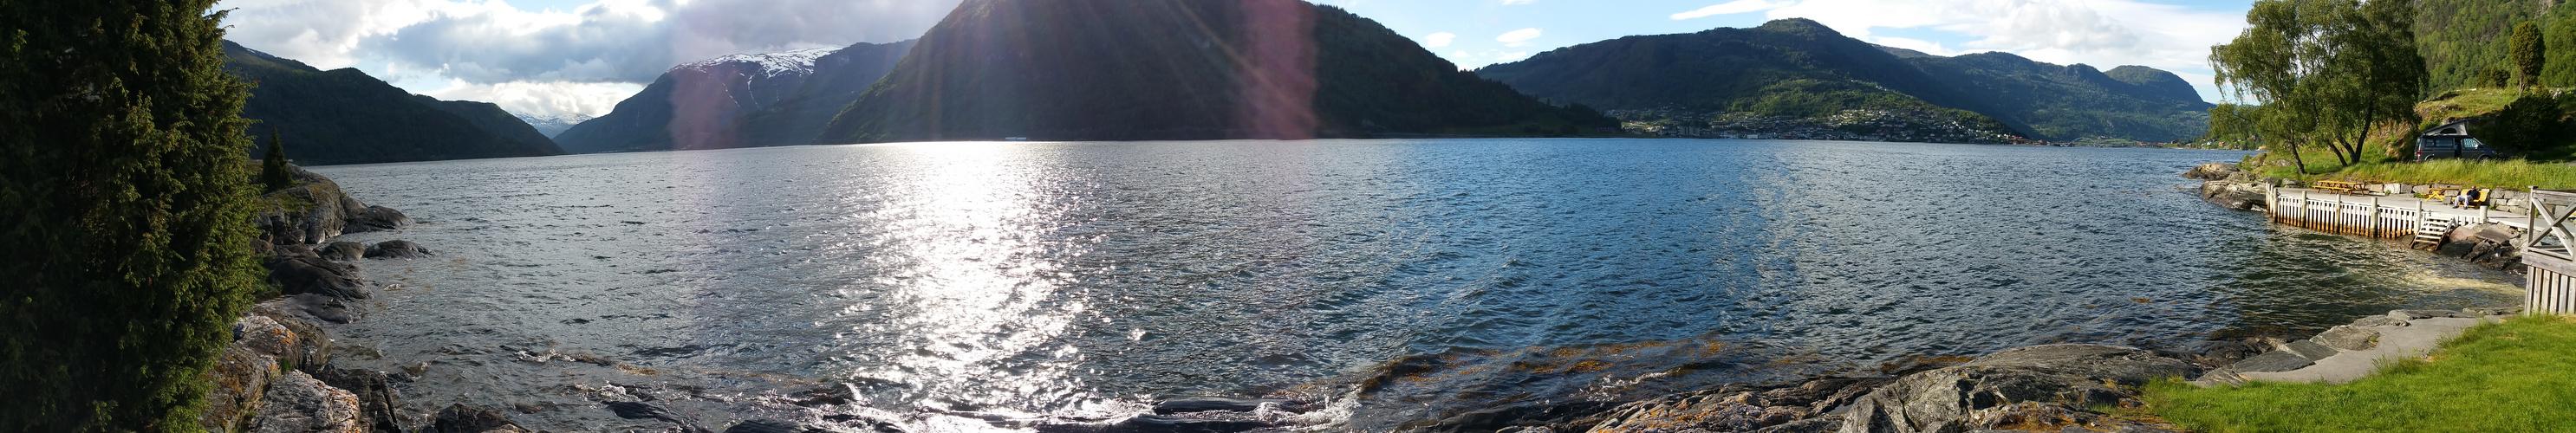 sognedalfjorden